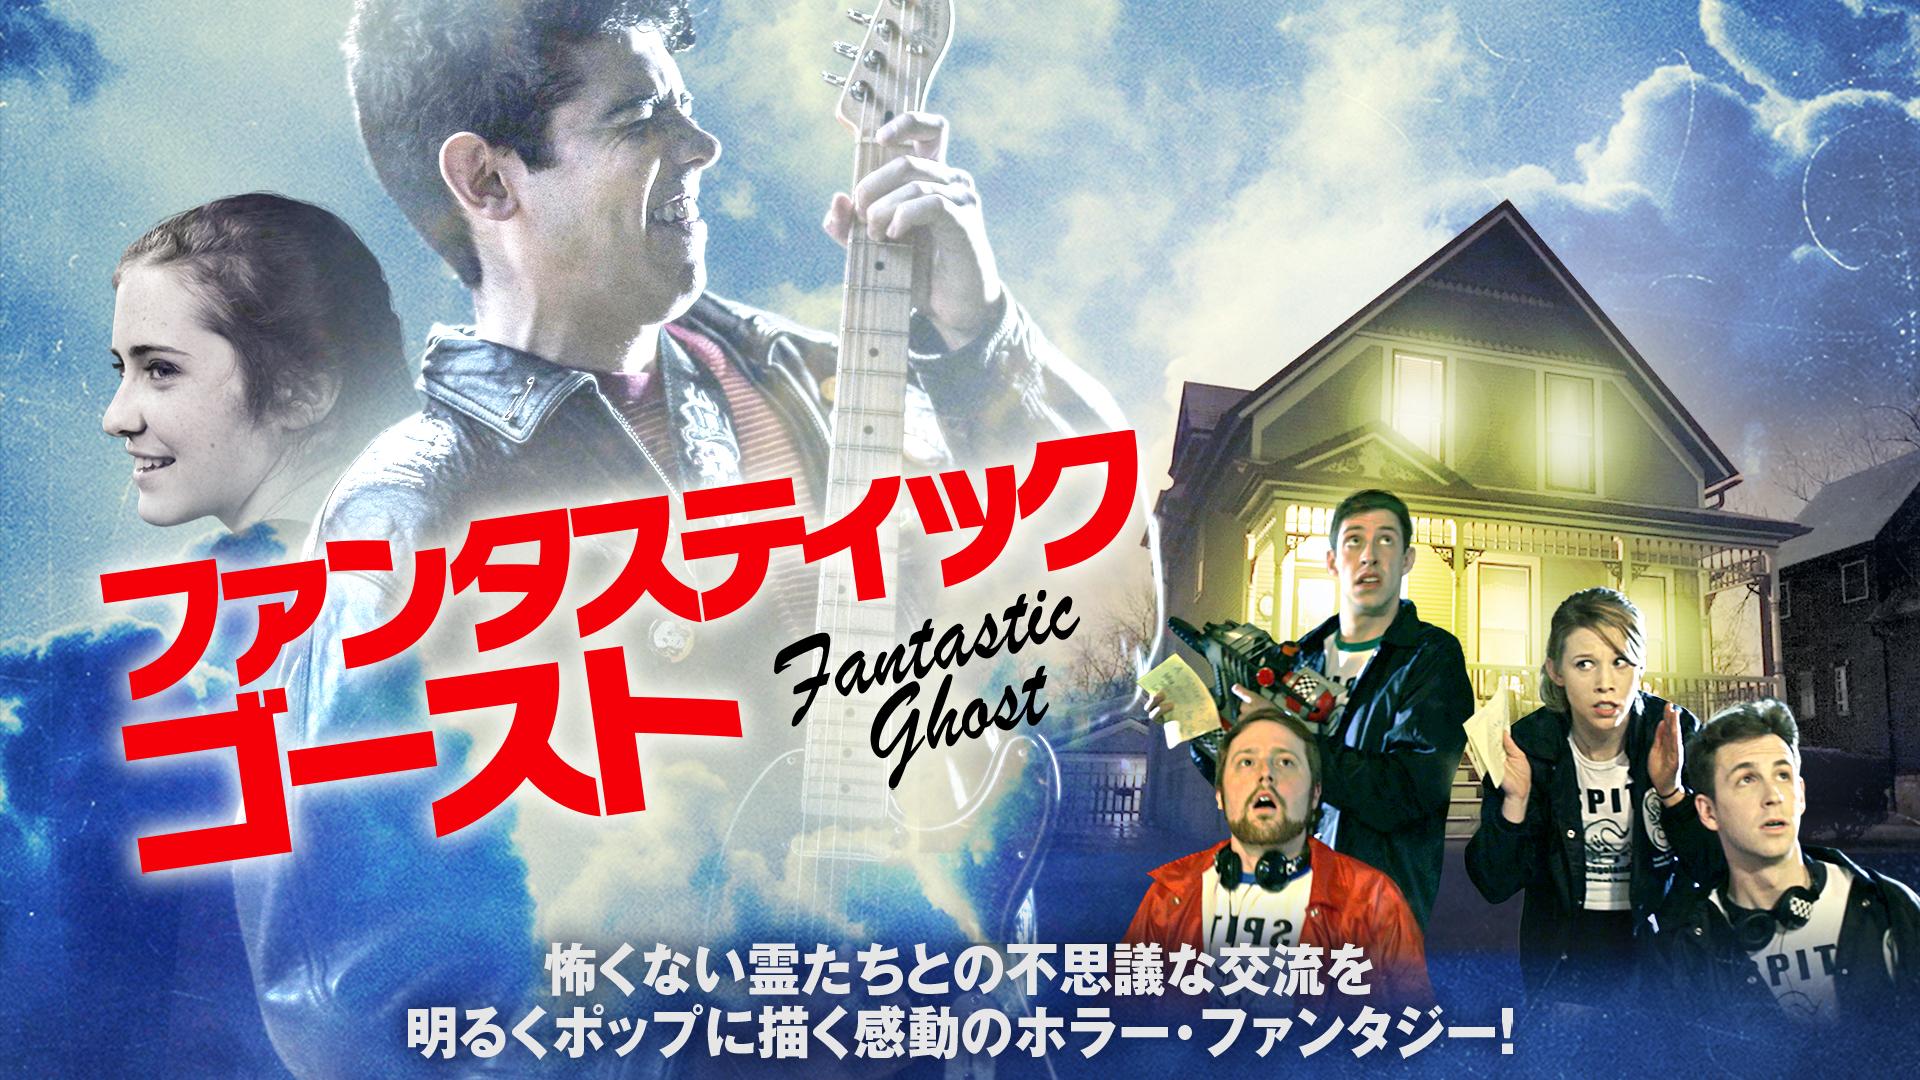 ファンタスティック・ゴースト(字幕版)